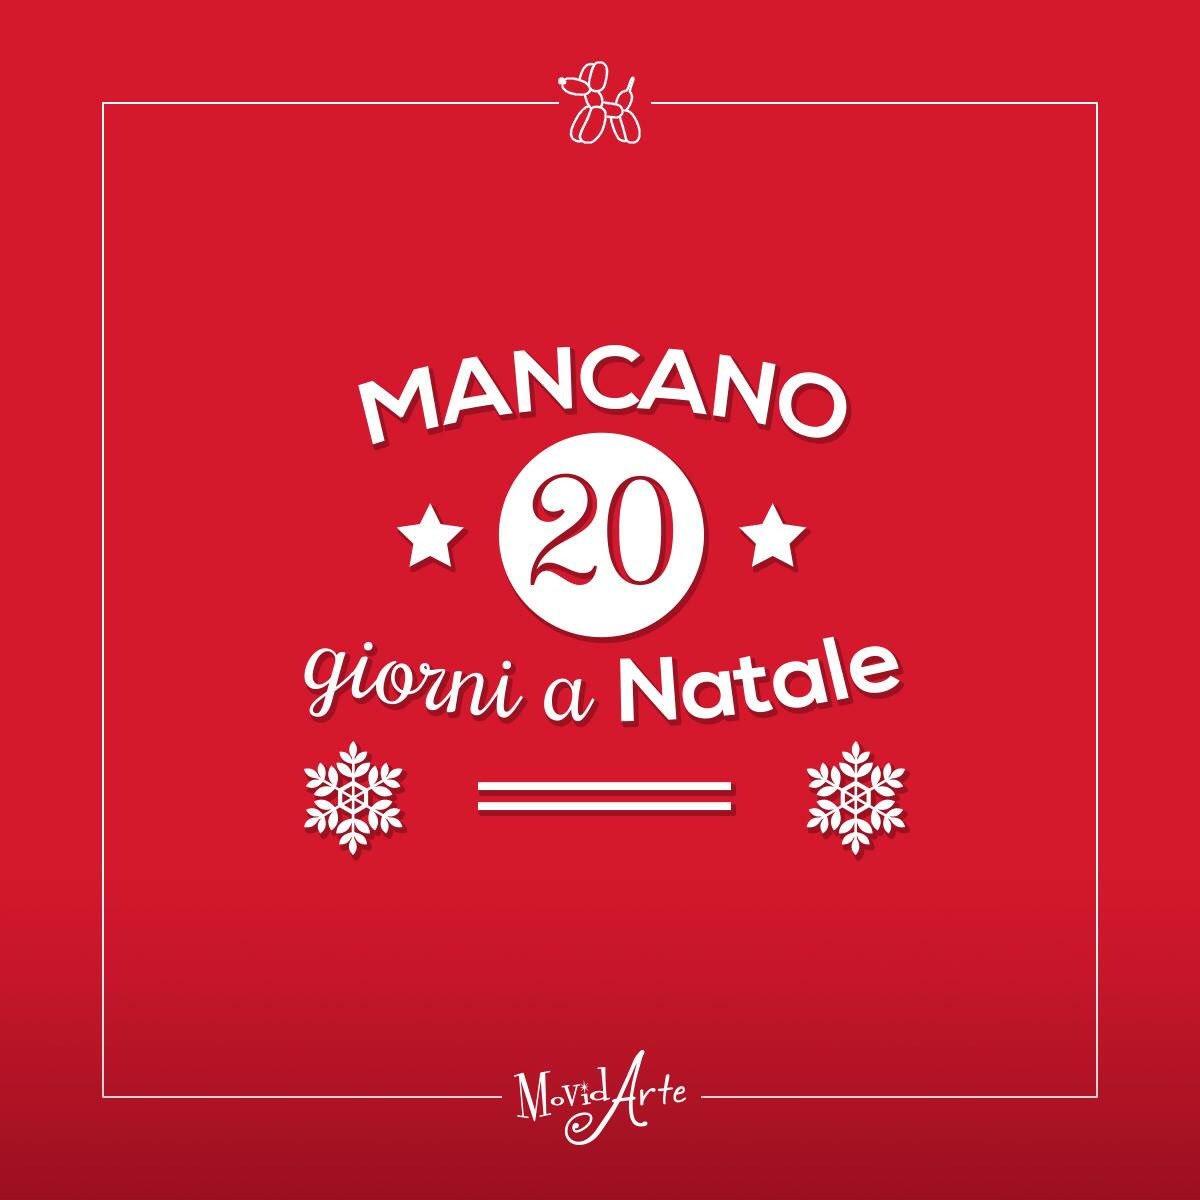 Countdown Natale.Movidarte On Twitter Mancano Solo 20 Giorni A